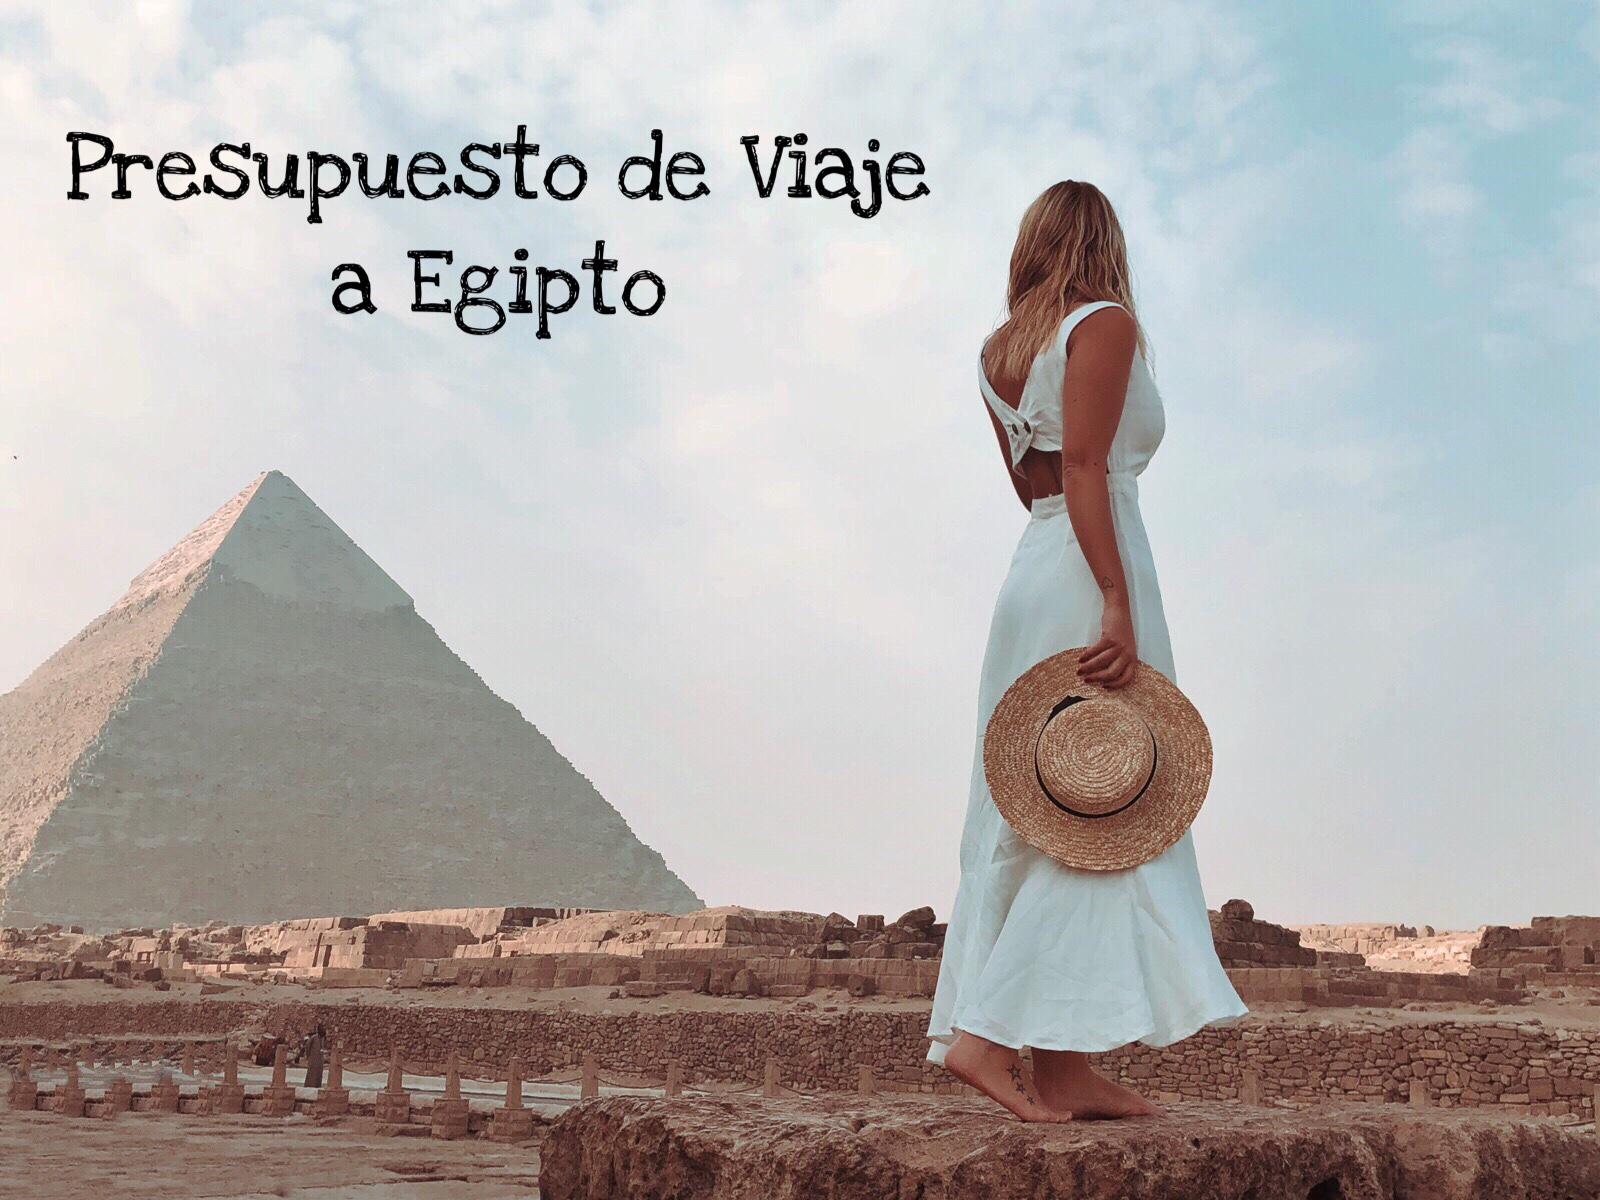 Presupuesto de viaje a Egipto